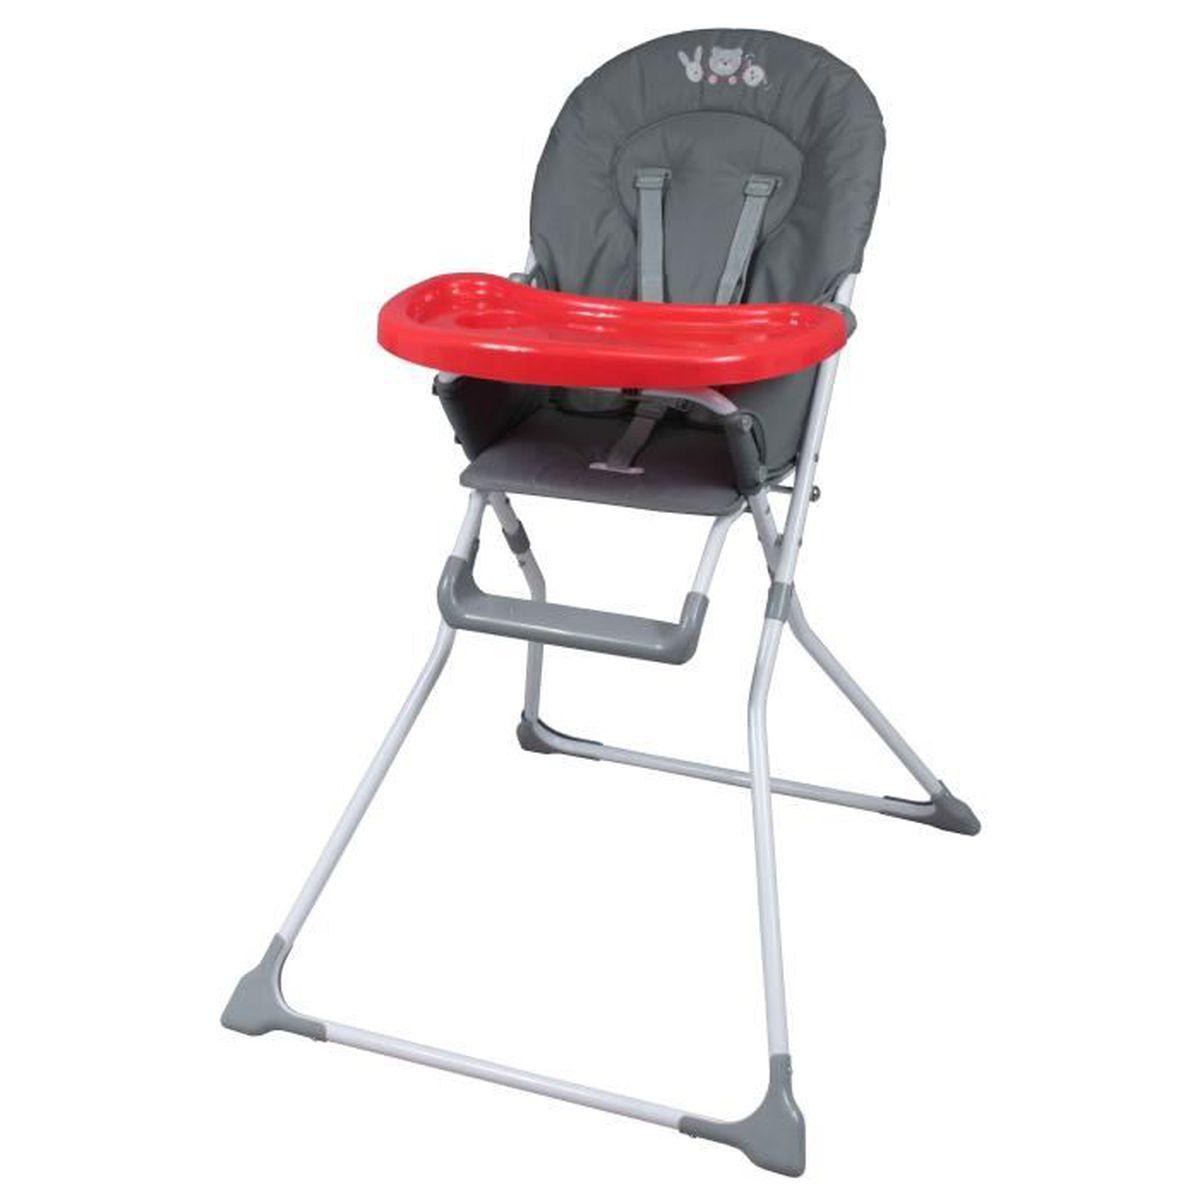 chaise haute - accessoires bambikidbambisol bébé - achat / vente